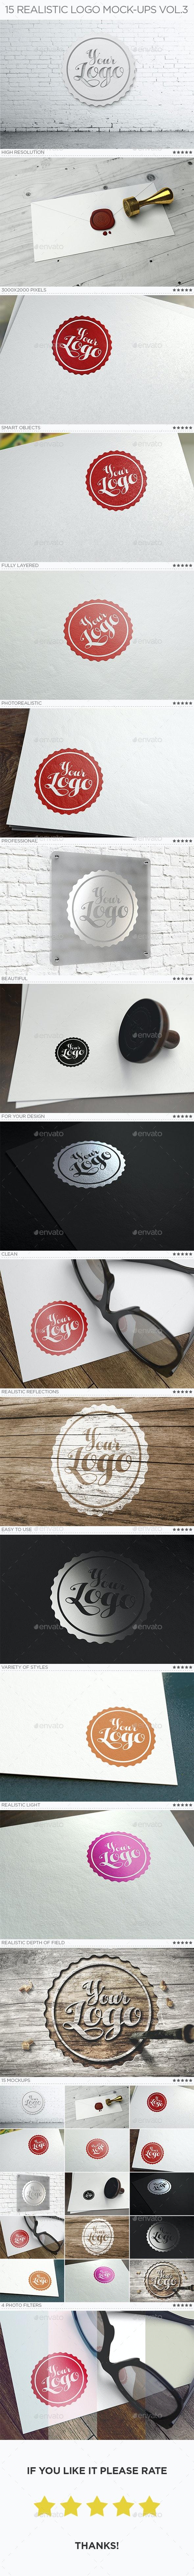 15 Realistic Logo Mock-Ups Vol.3 - Logo Product Mock-Ups